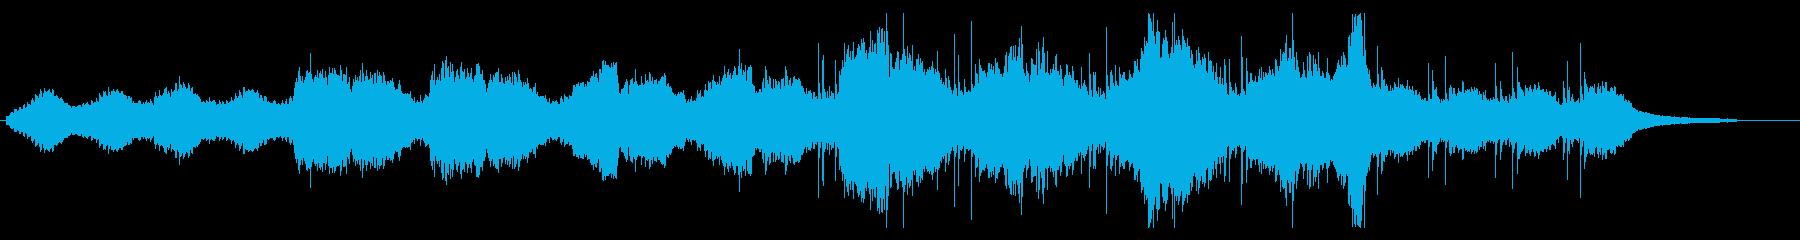 ドゥドゥクを使った物悲しいBGMの再生済みの波形